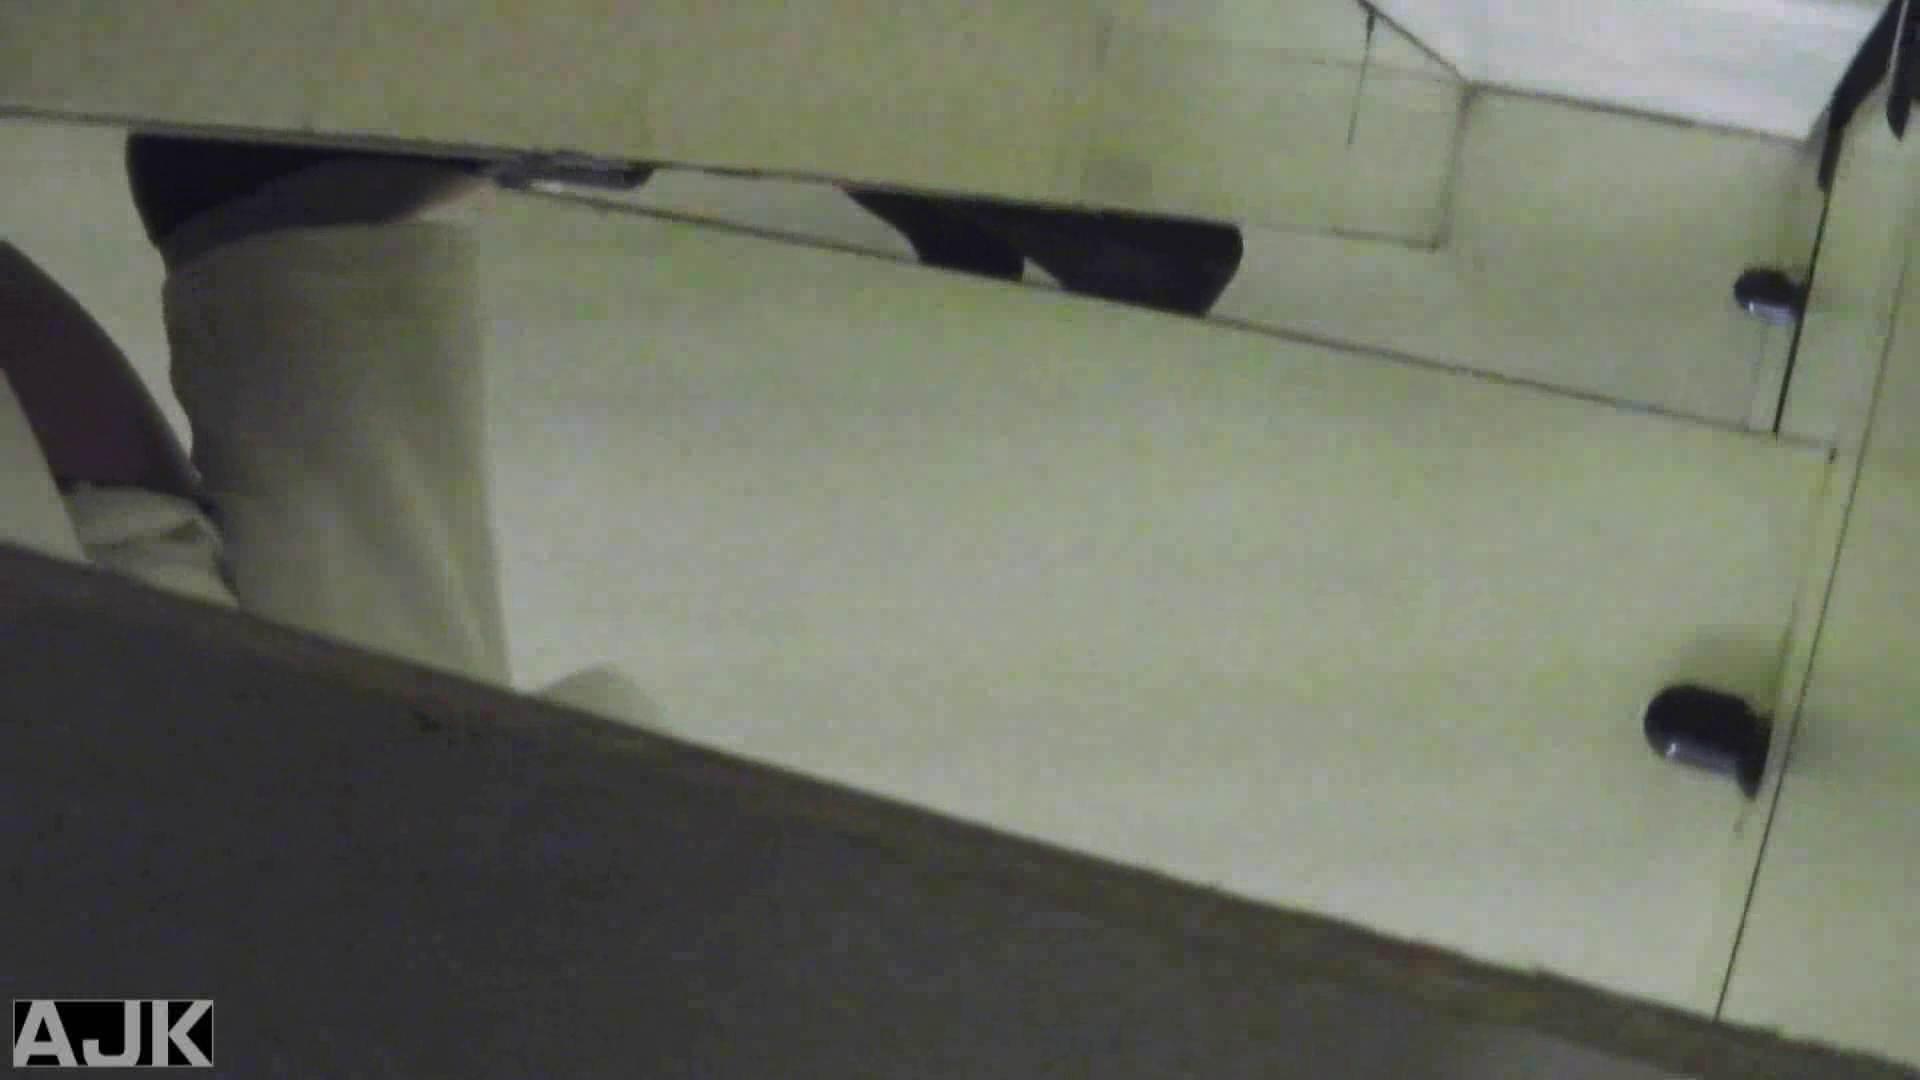 隣国上階級エリアの令嬢たちが集うデパートお手洗い Vol.29 女子トイレ編 エロ無料画像 90画像 53